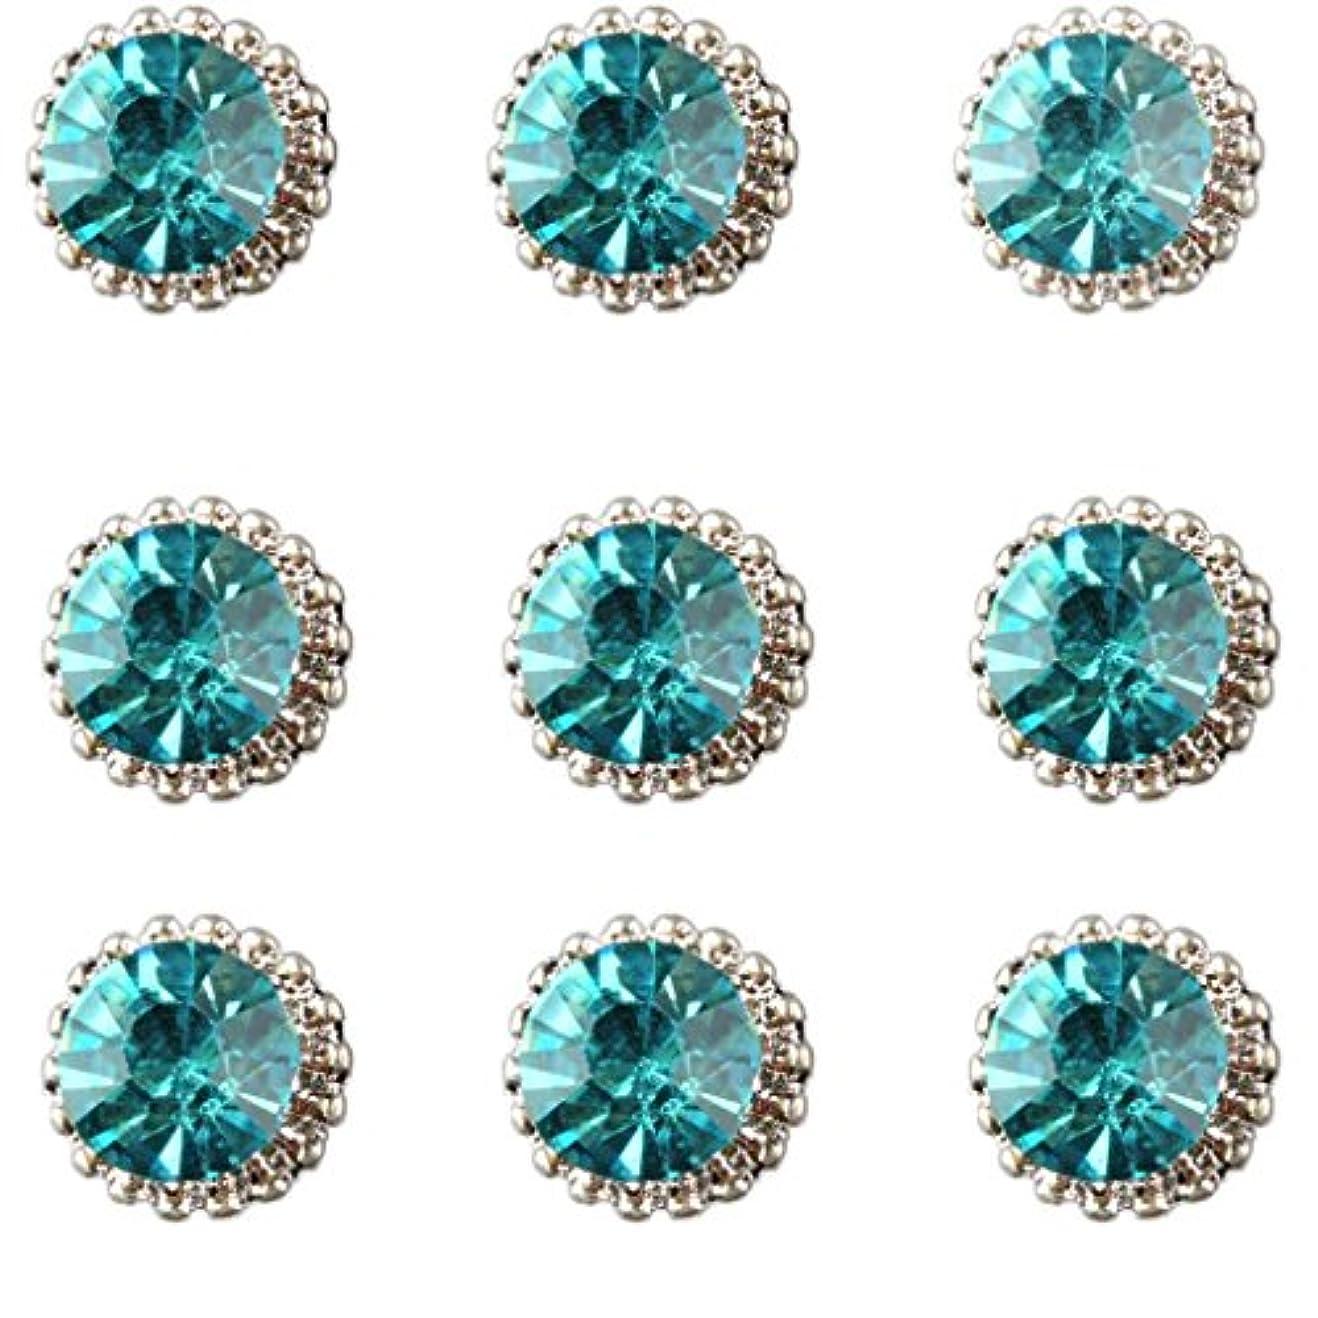 座るみ犠牲ネイルアート パーツ ネイルデザイン ラインストーン ボディアート装飾 6色選択 - 緑